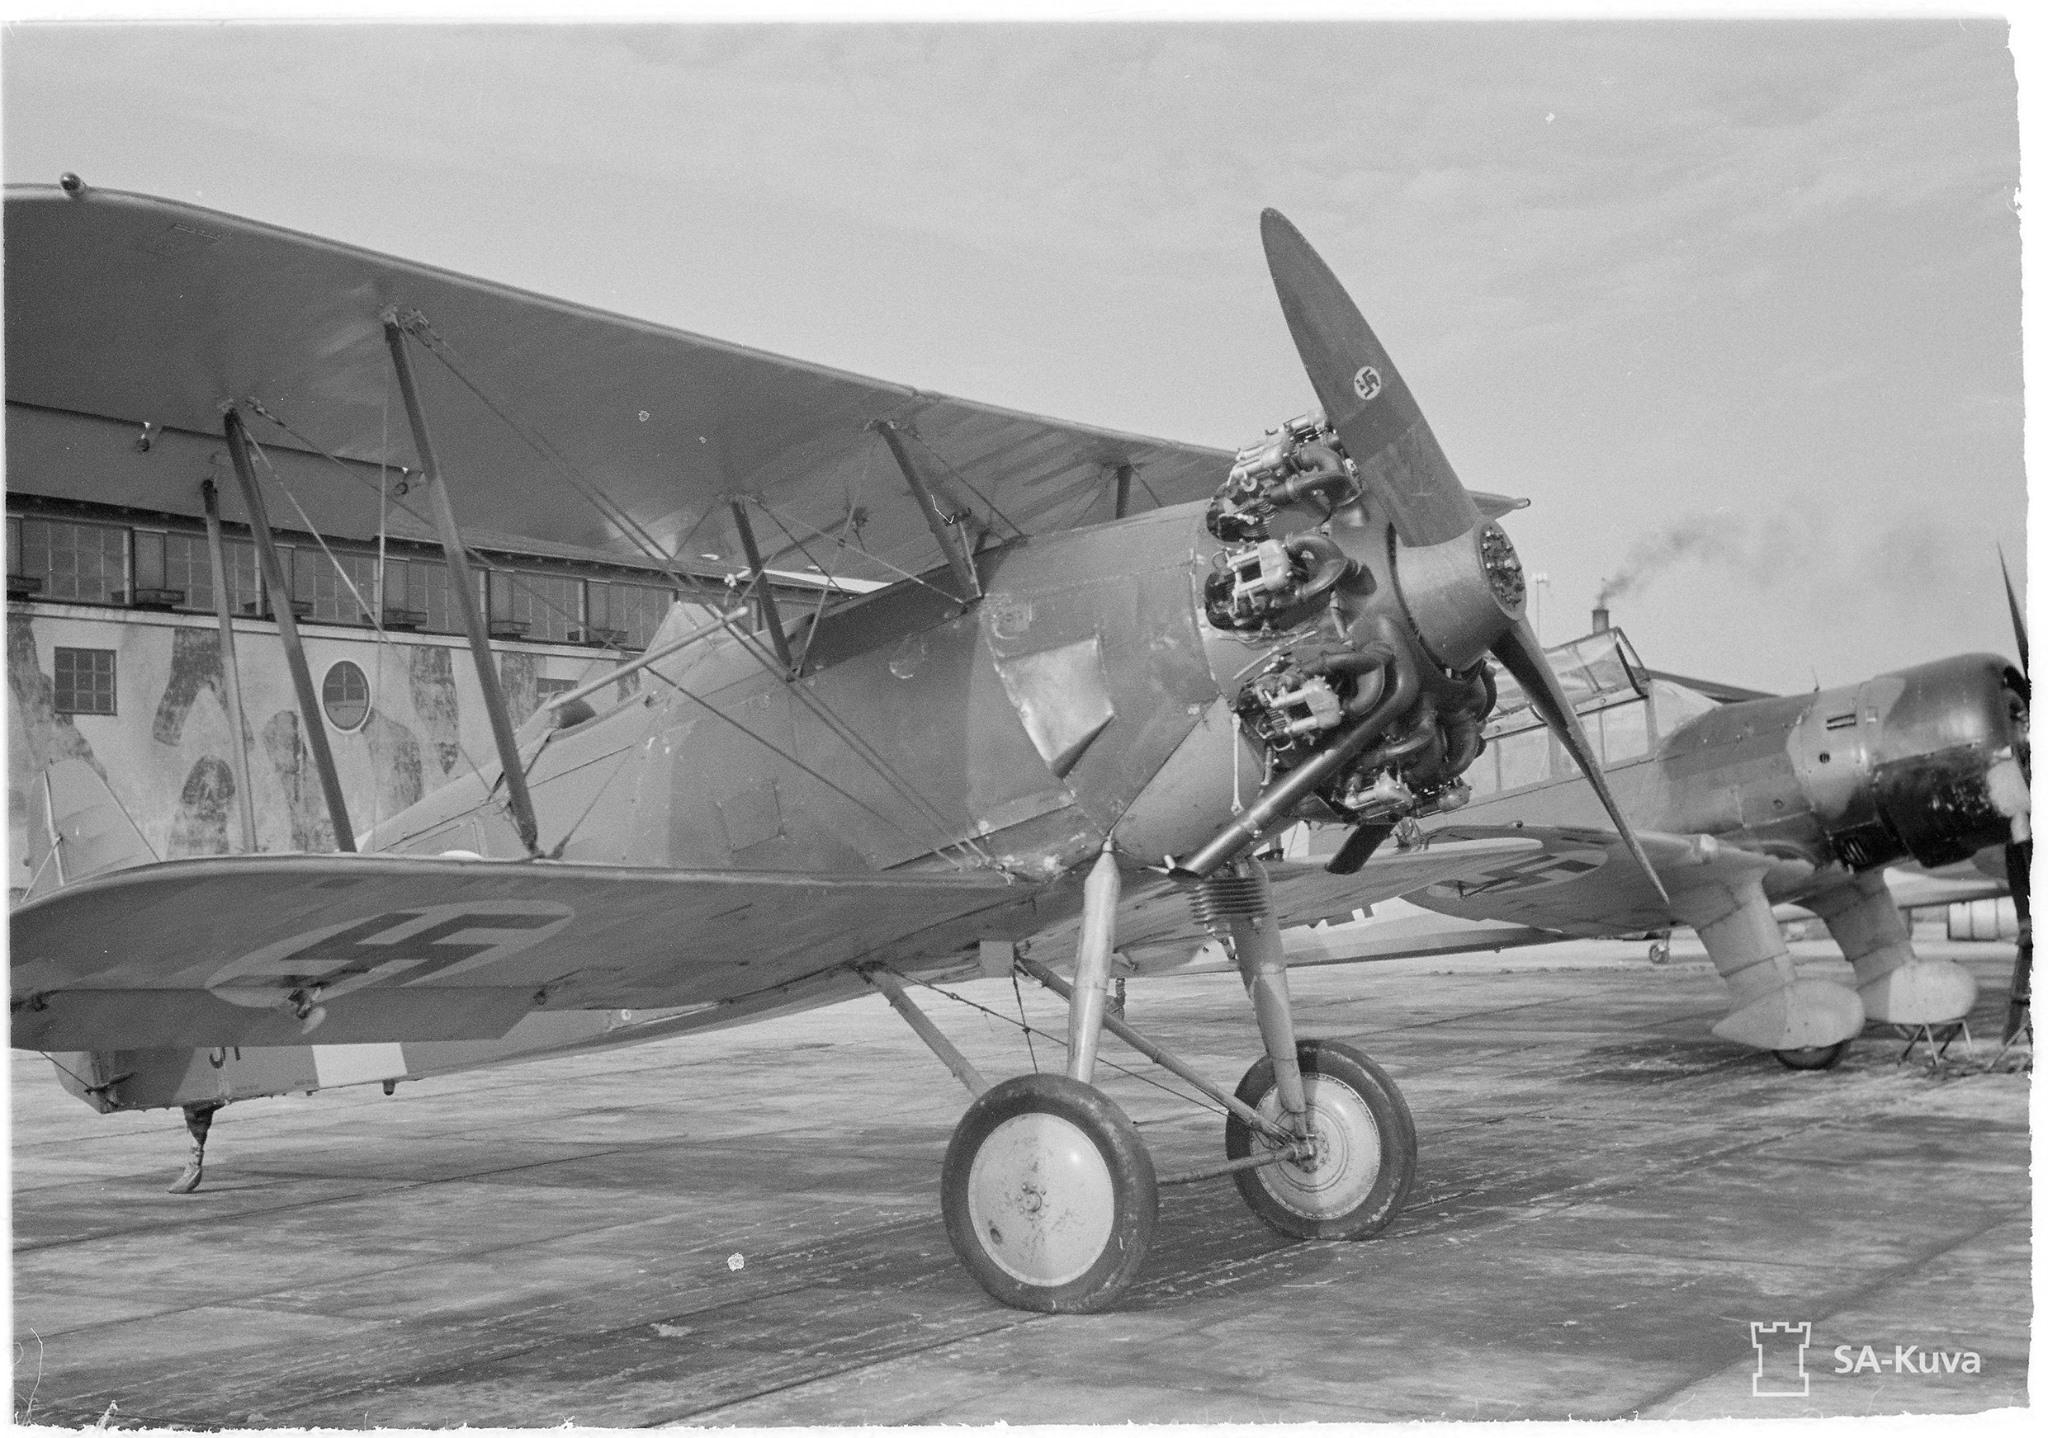 Finn Svenska Aero SA-14 Jaktfalken vadászgép.